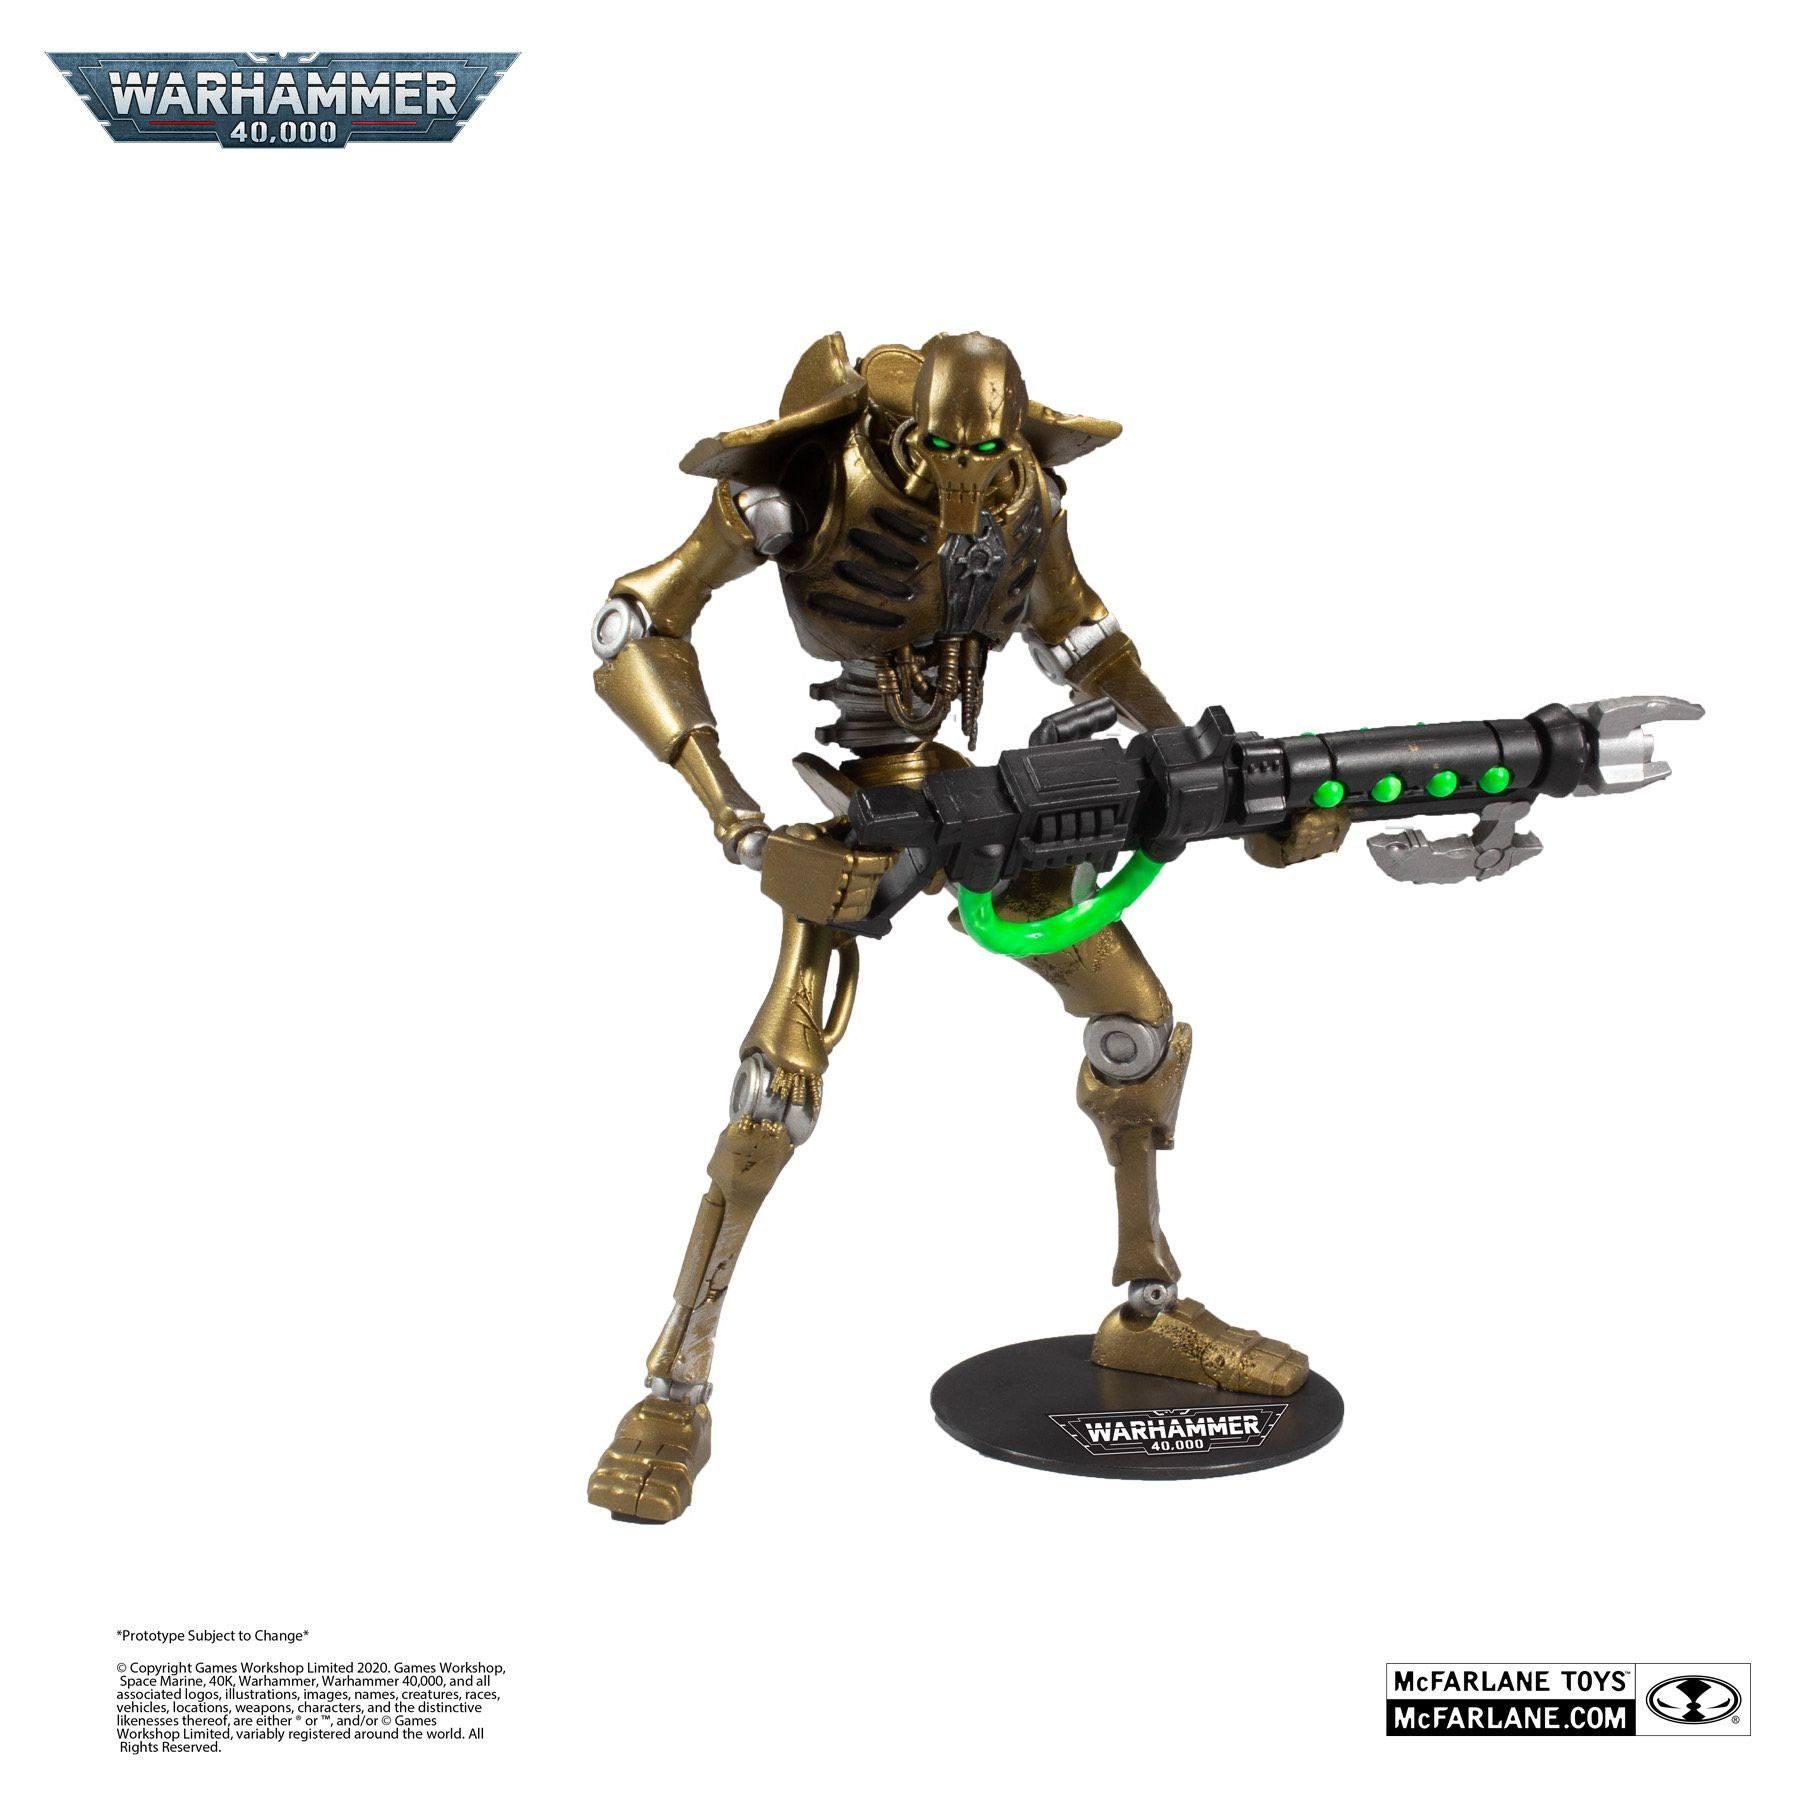 Warhammer 40k Action Figure Necron 18 cm